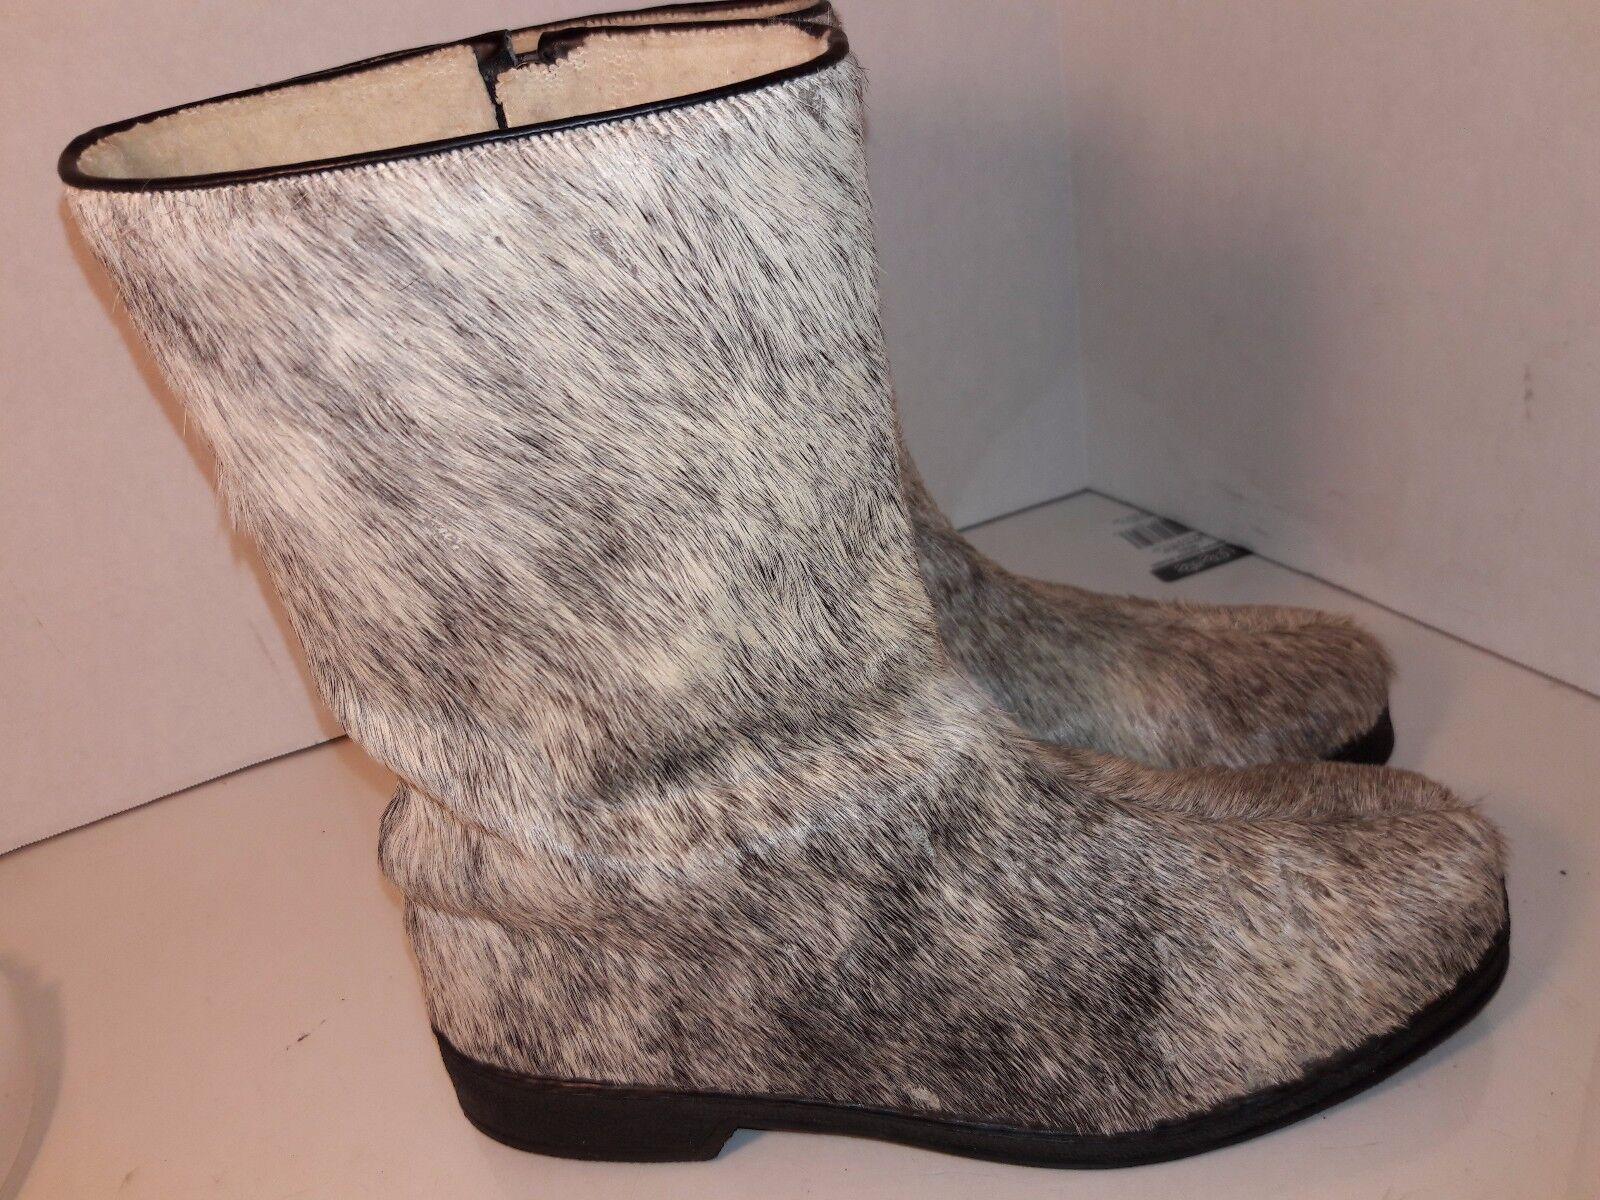 Dunhams 8612 Piel De Invierno Invierno Invierno botas De Nieve Cremallera Lateral Para Mujer Talla 8 Suiza 16ec88